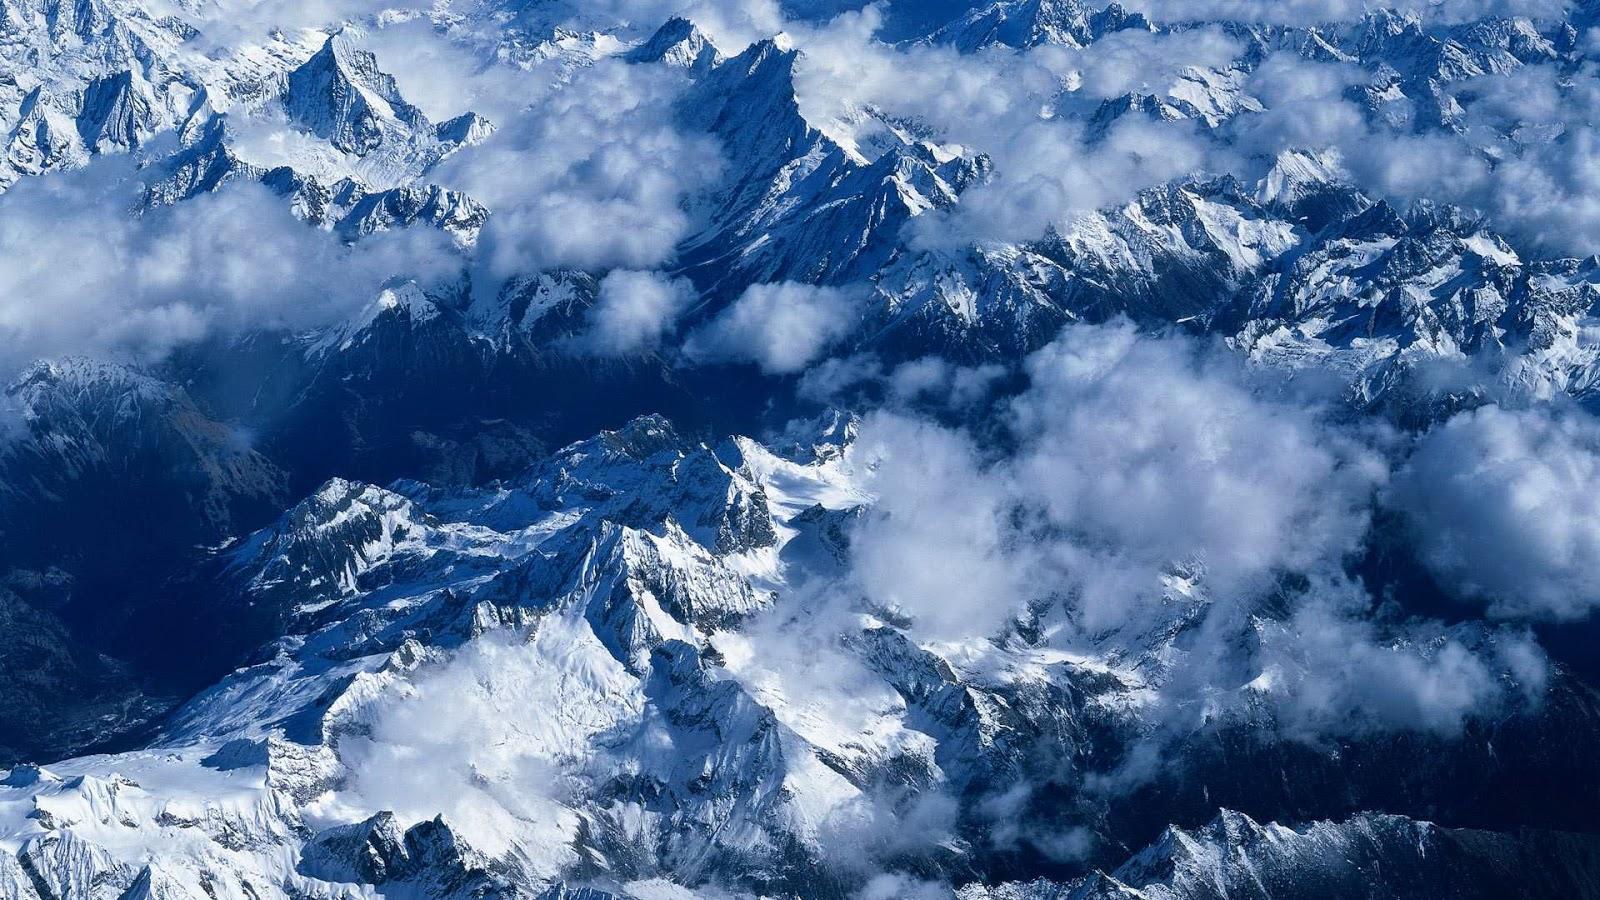 Bergtoppen met sneeuw